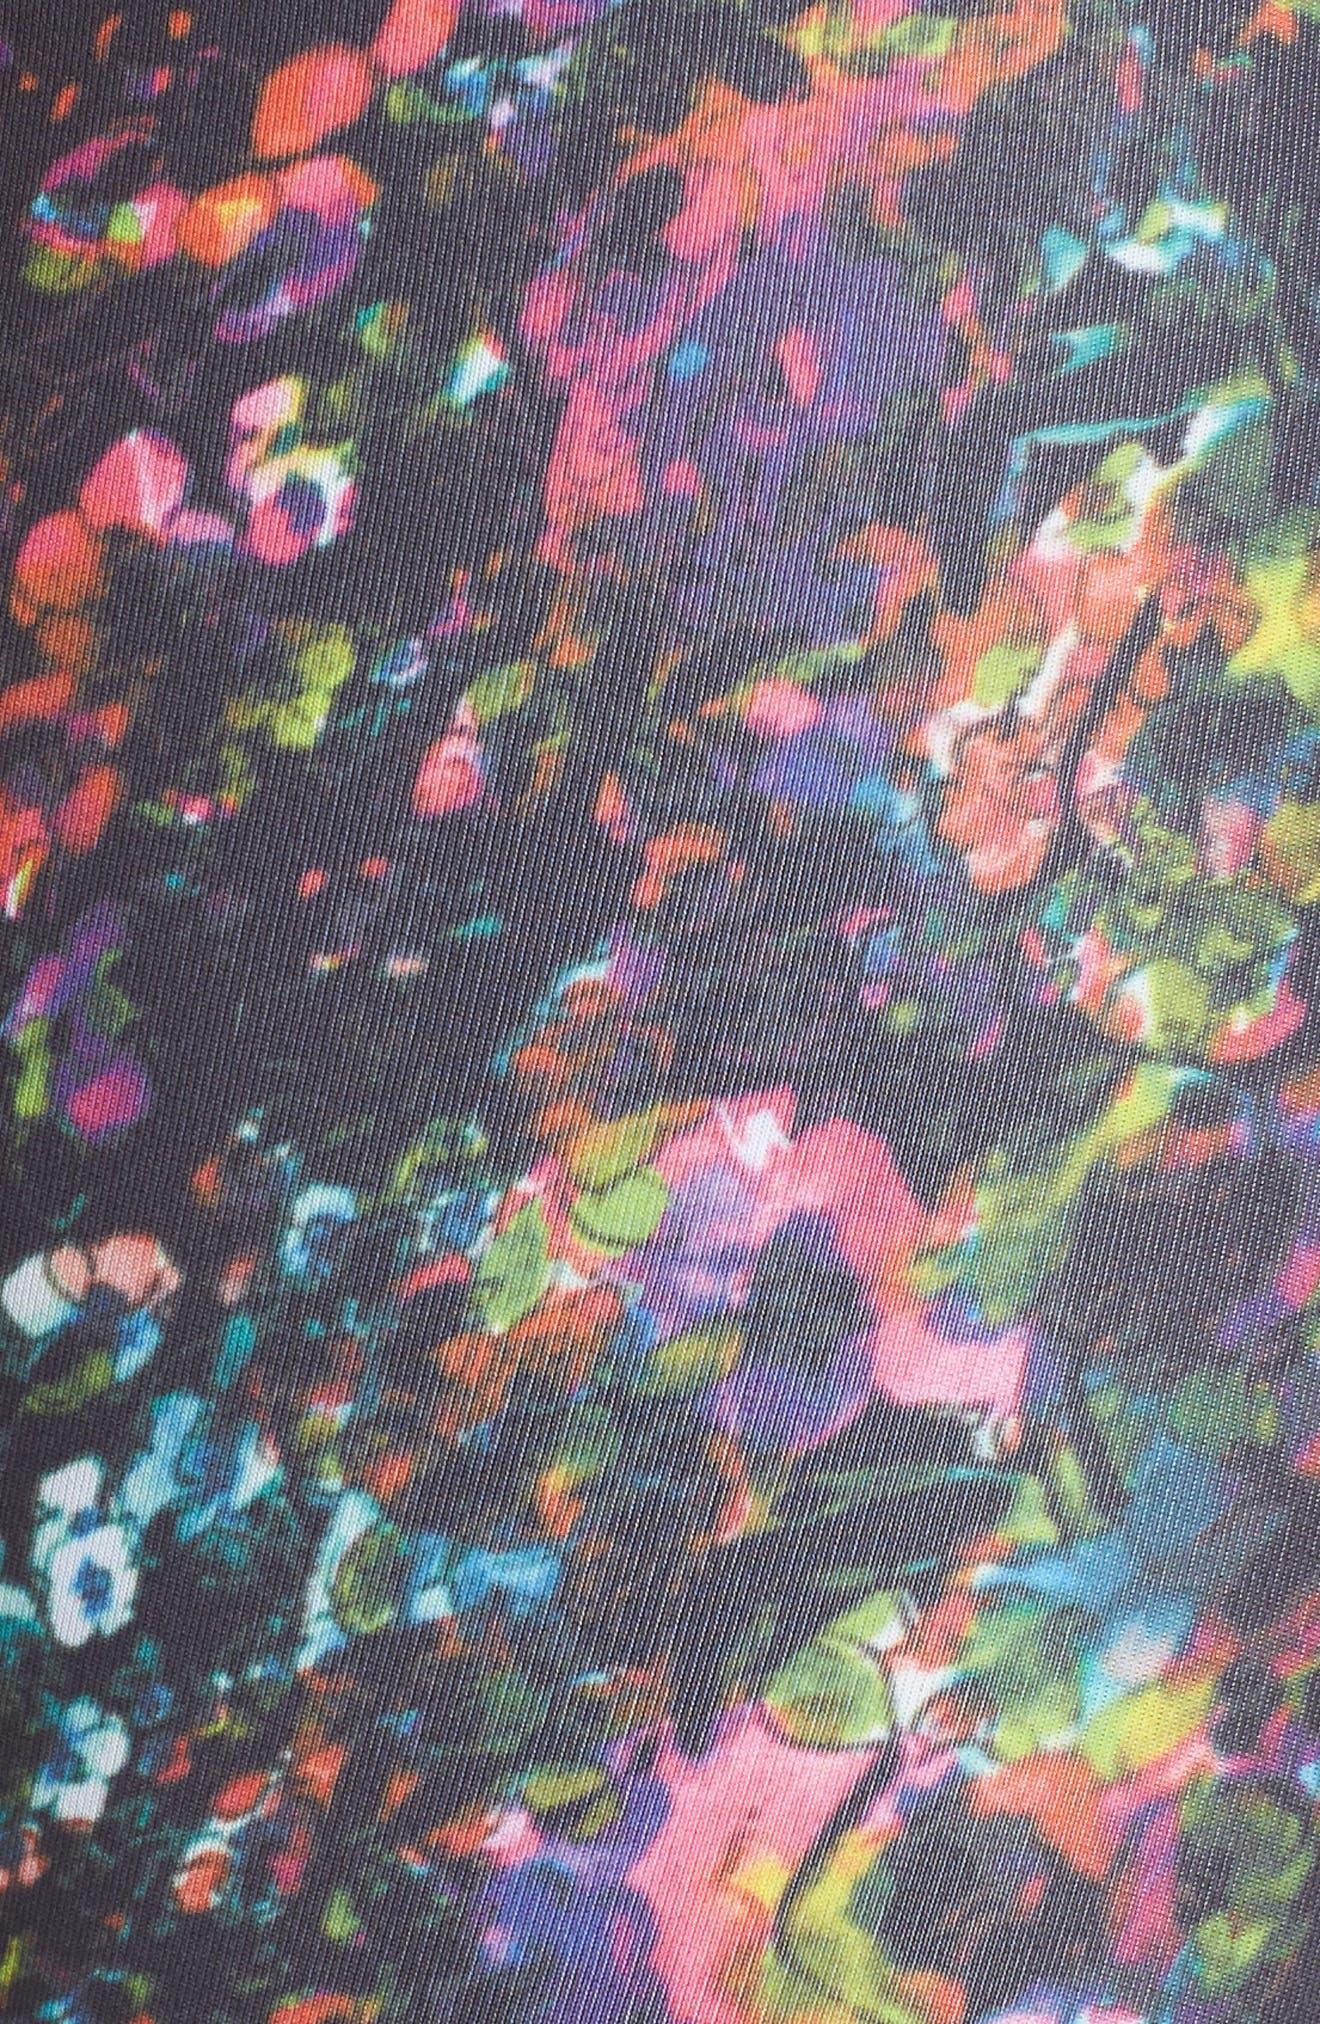 Dawn Print Sports Bra,                             Alternate thumbnail 6, color,                             Black Kaleido Floral Print